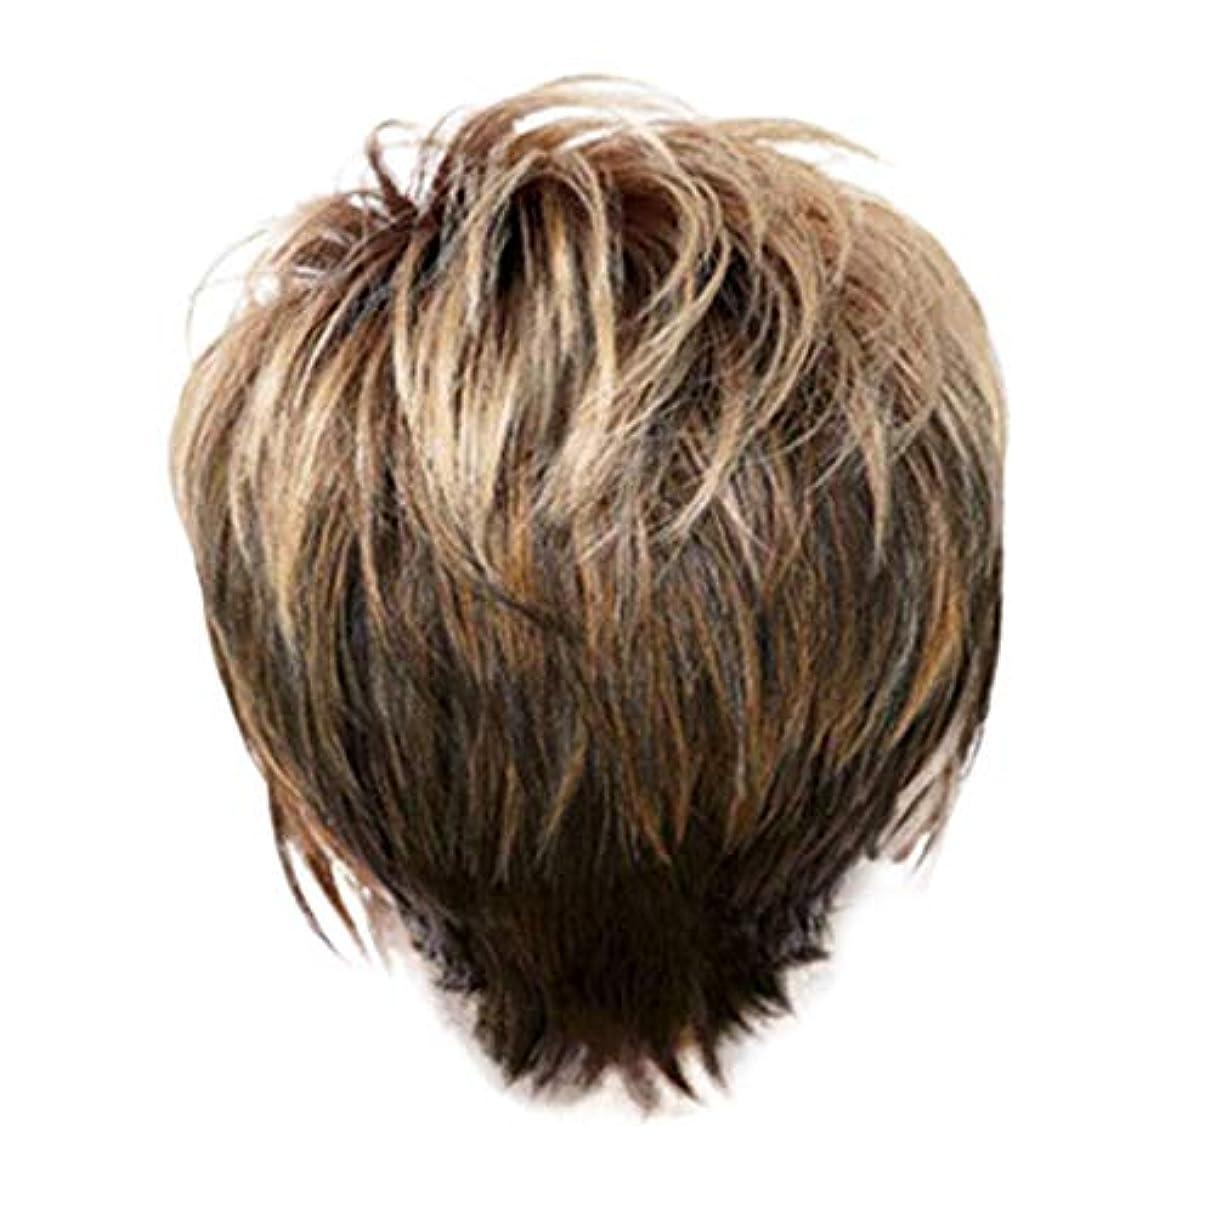 とは異なりからに変化するフラップウィッグ女性の金茶色の短いストレートヘアファッションセクシーなかつら31 cm